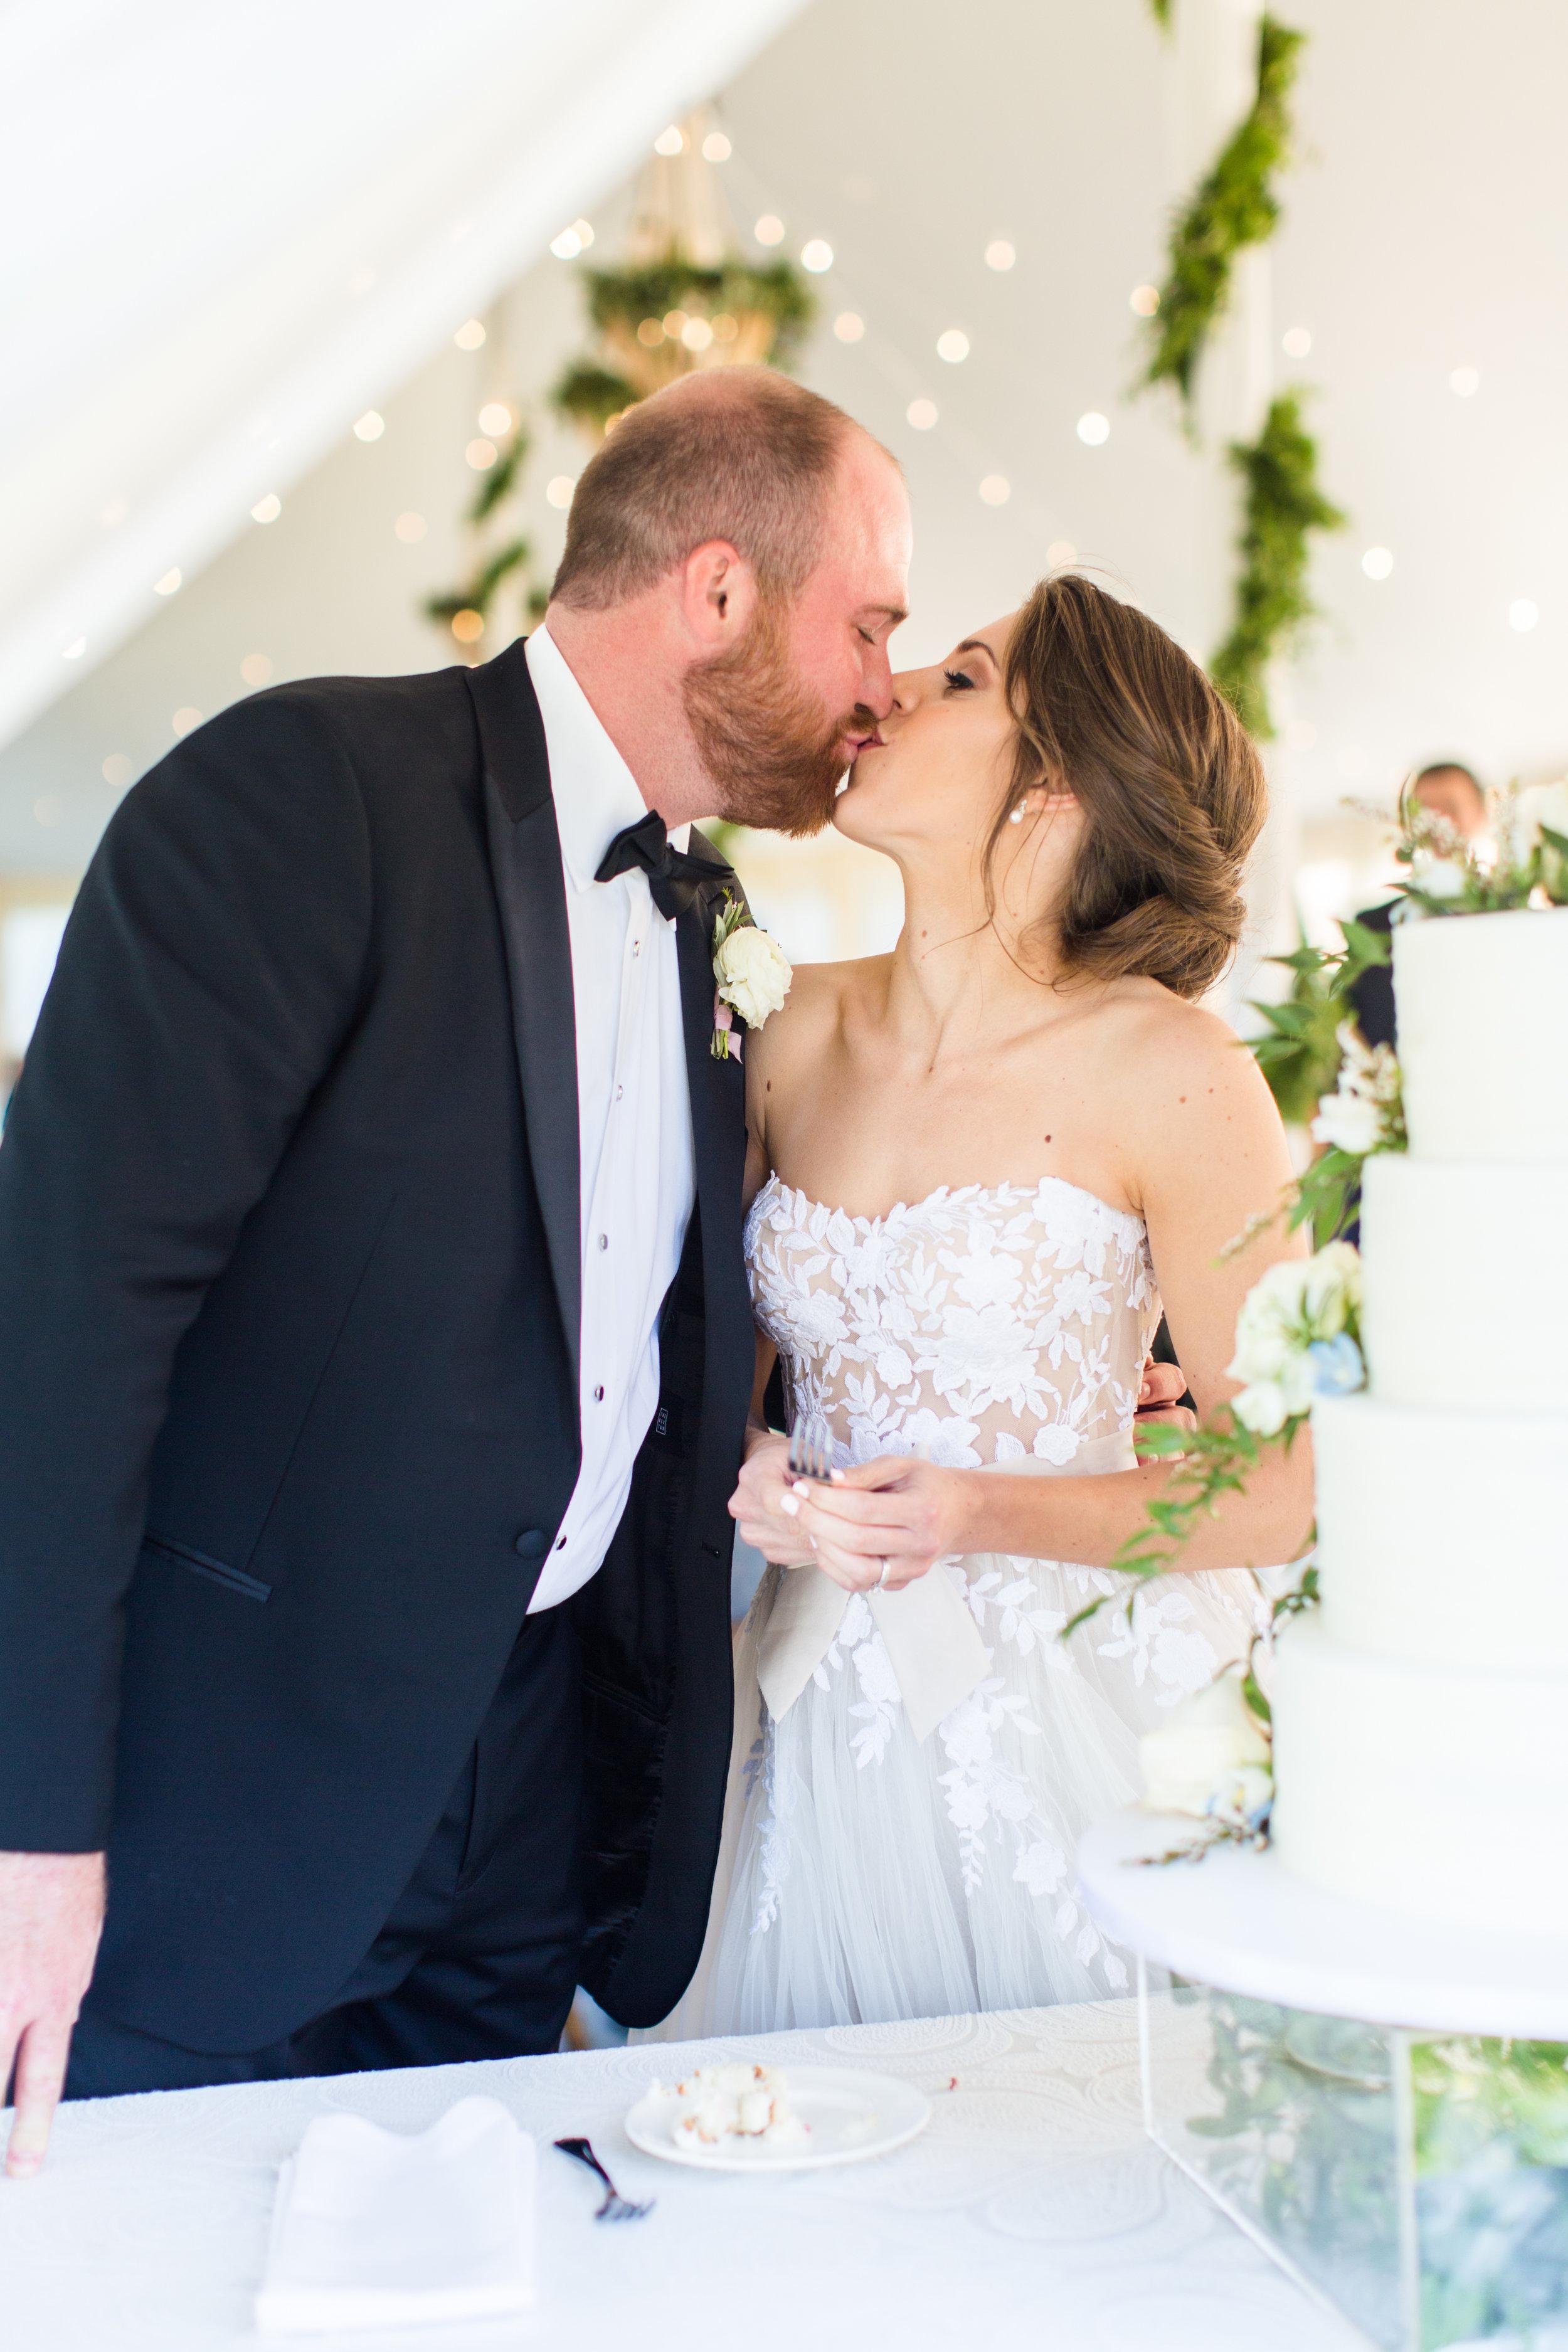 Steinlage+Wedding+Reception-101.jpg